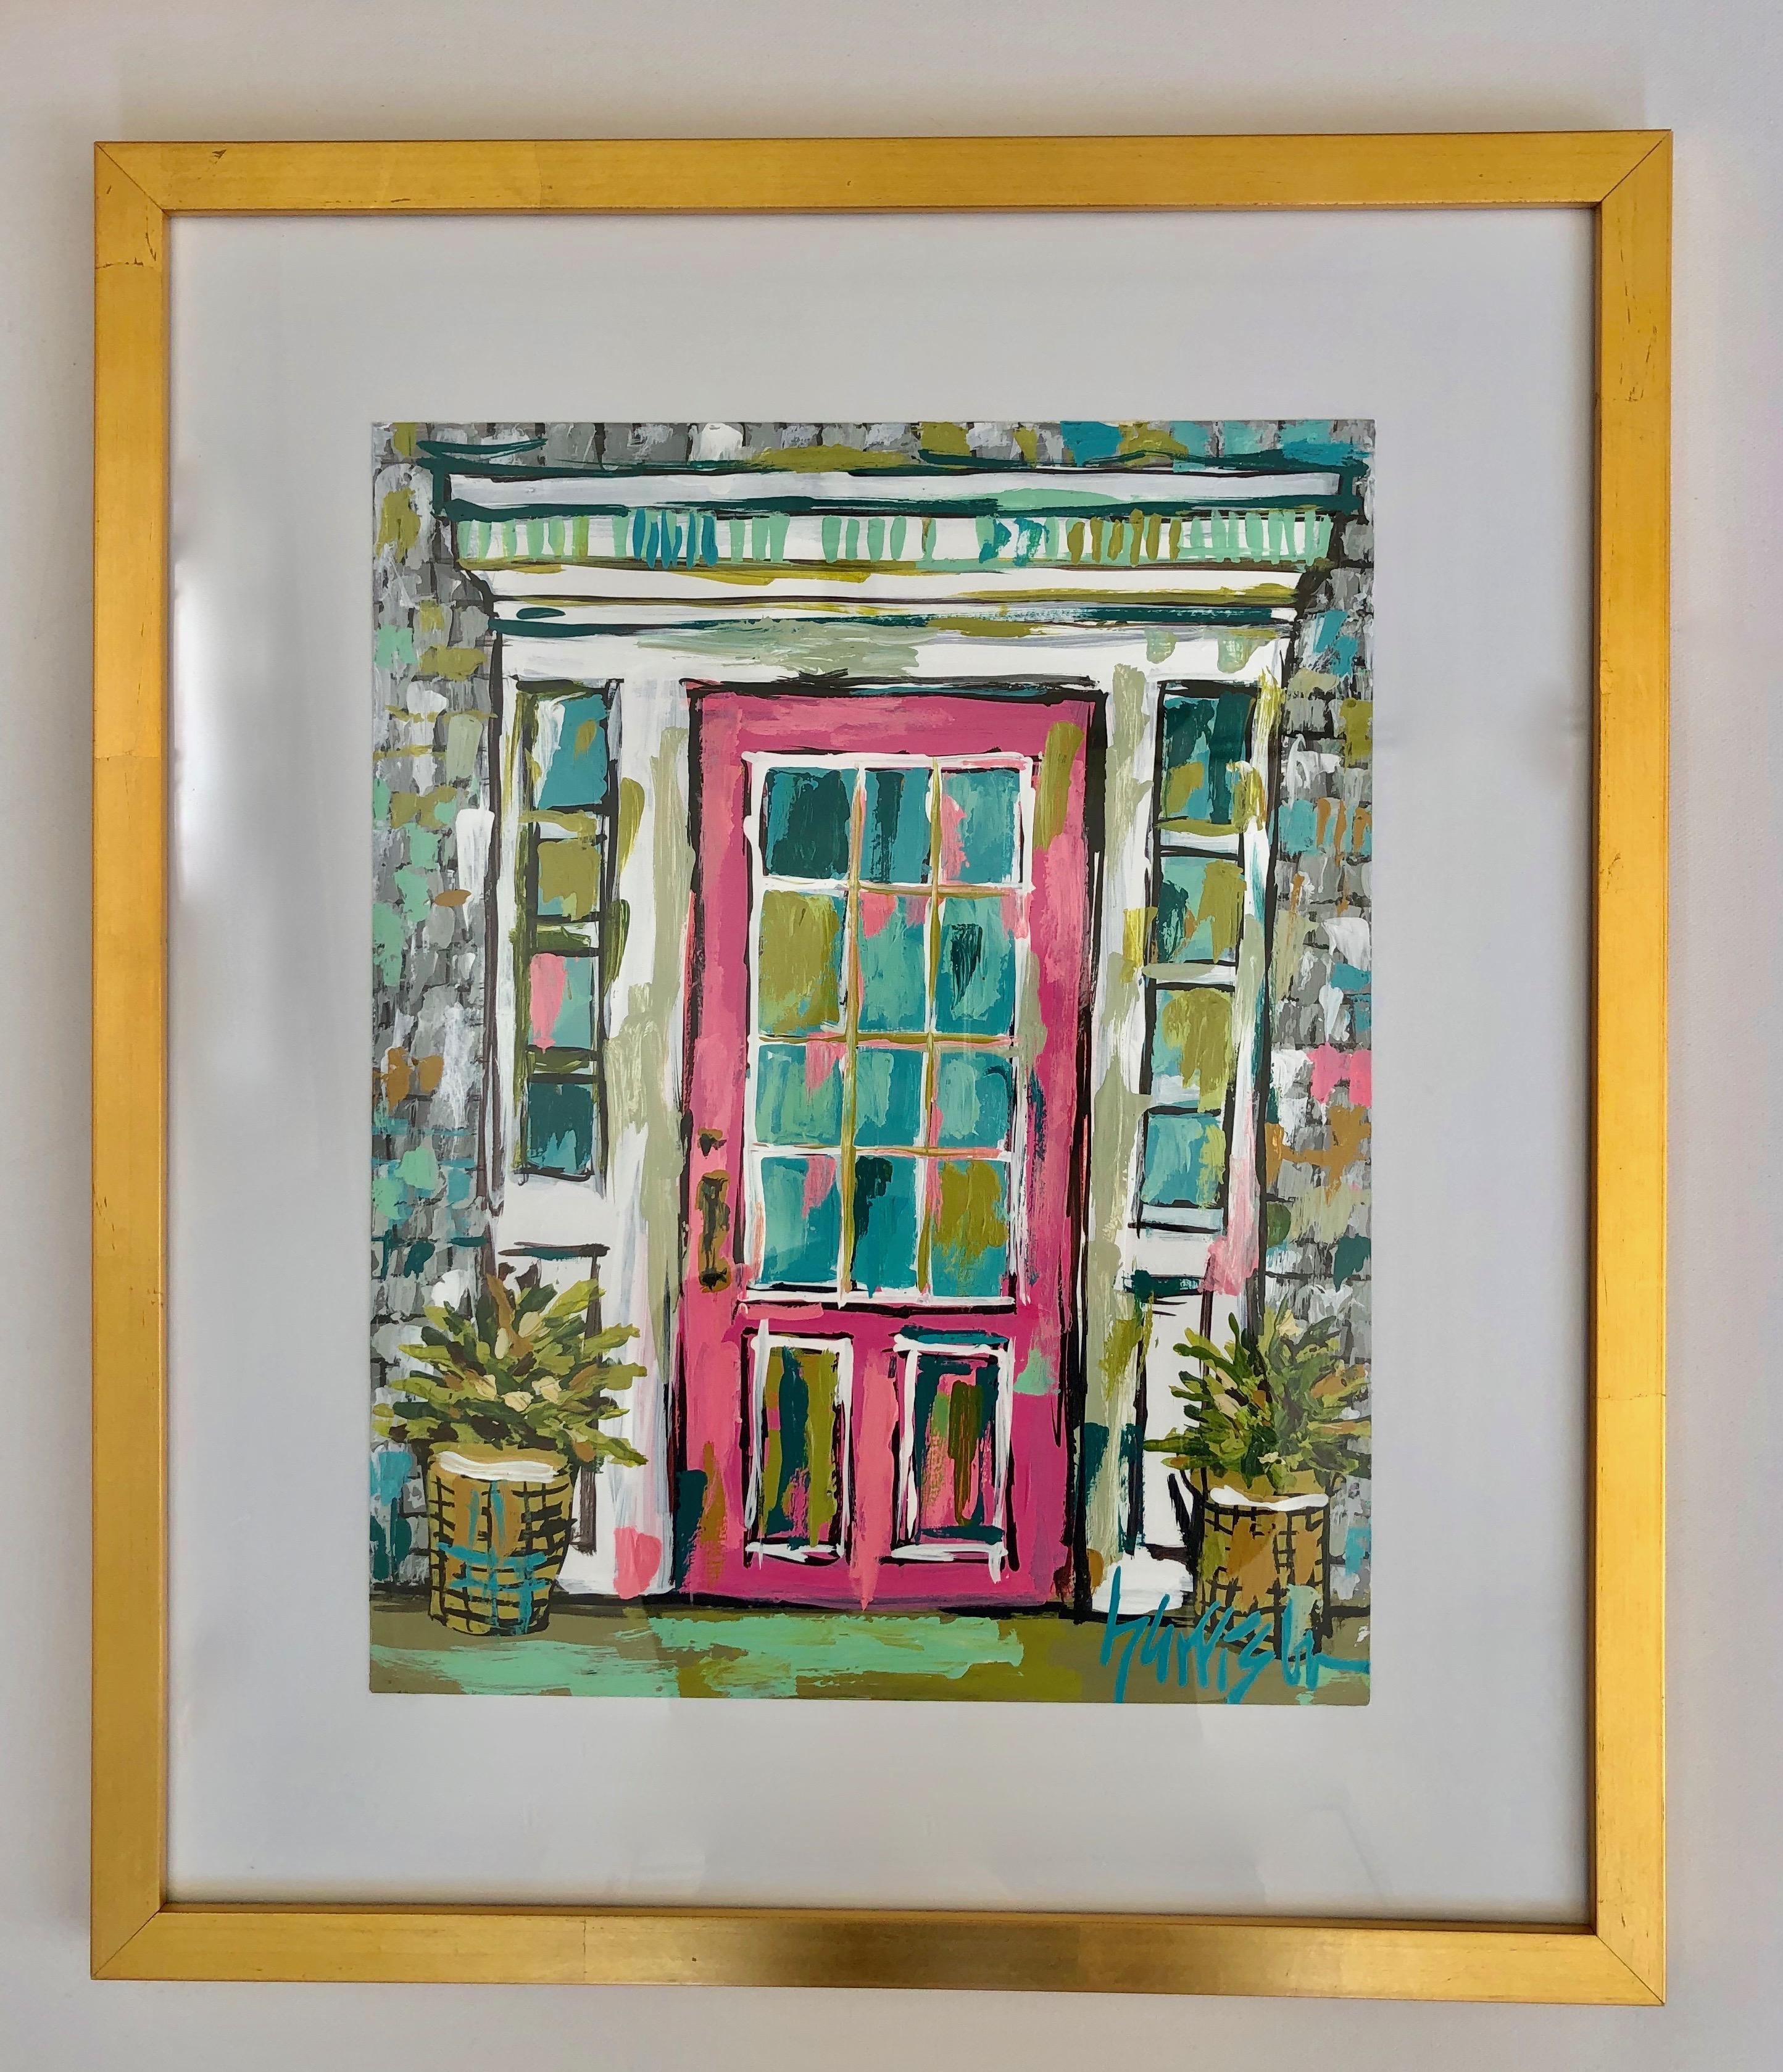 NANTUCKET DOOR 3 original, framed